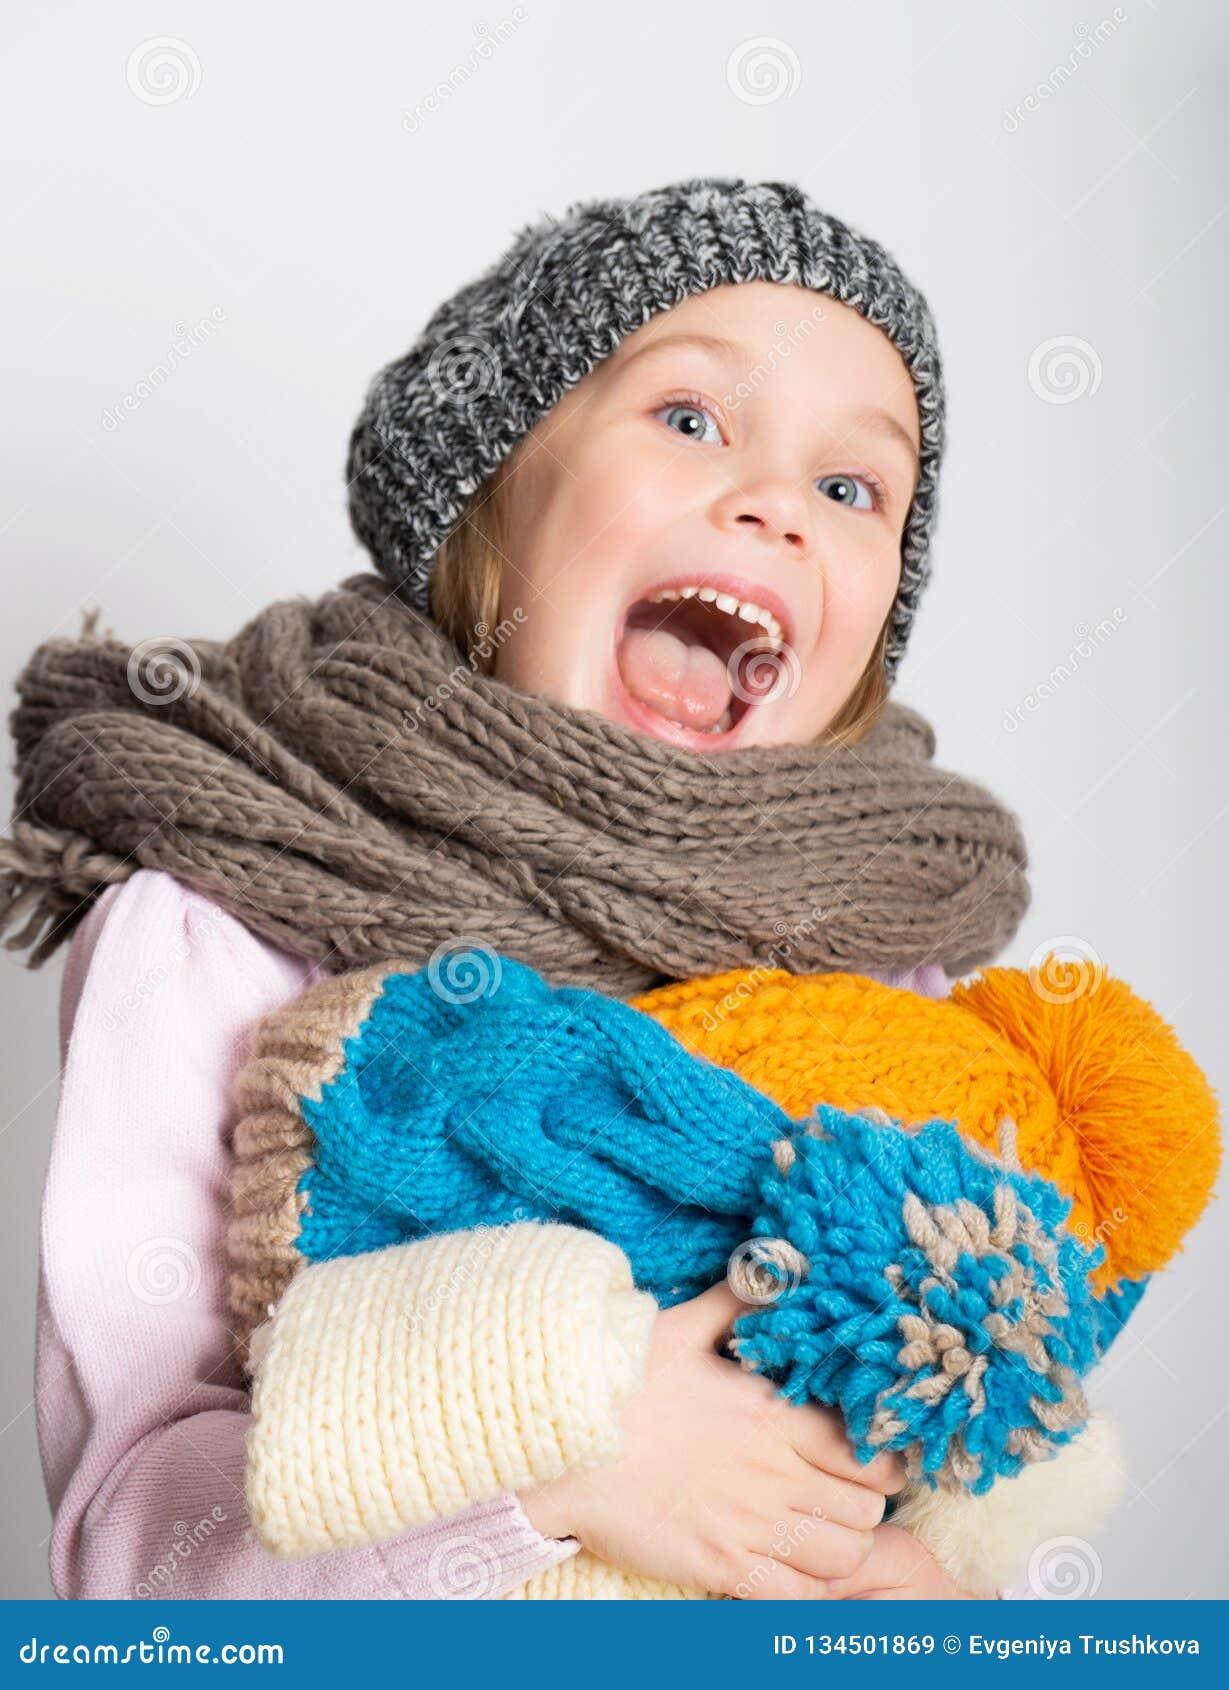 Bambina che porta cappello, sciarpa tricottata e maglione, tenenti un mucchio dei cappelli,